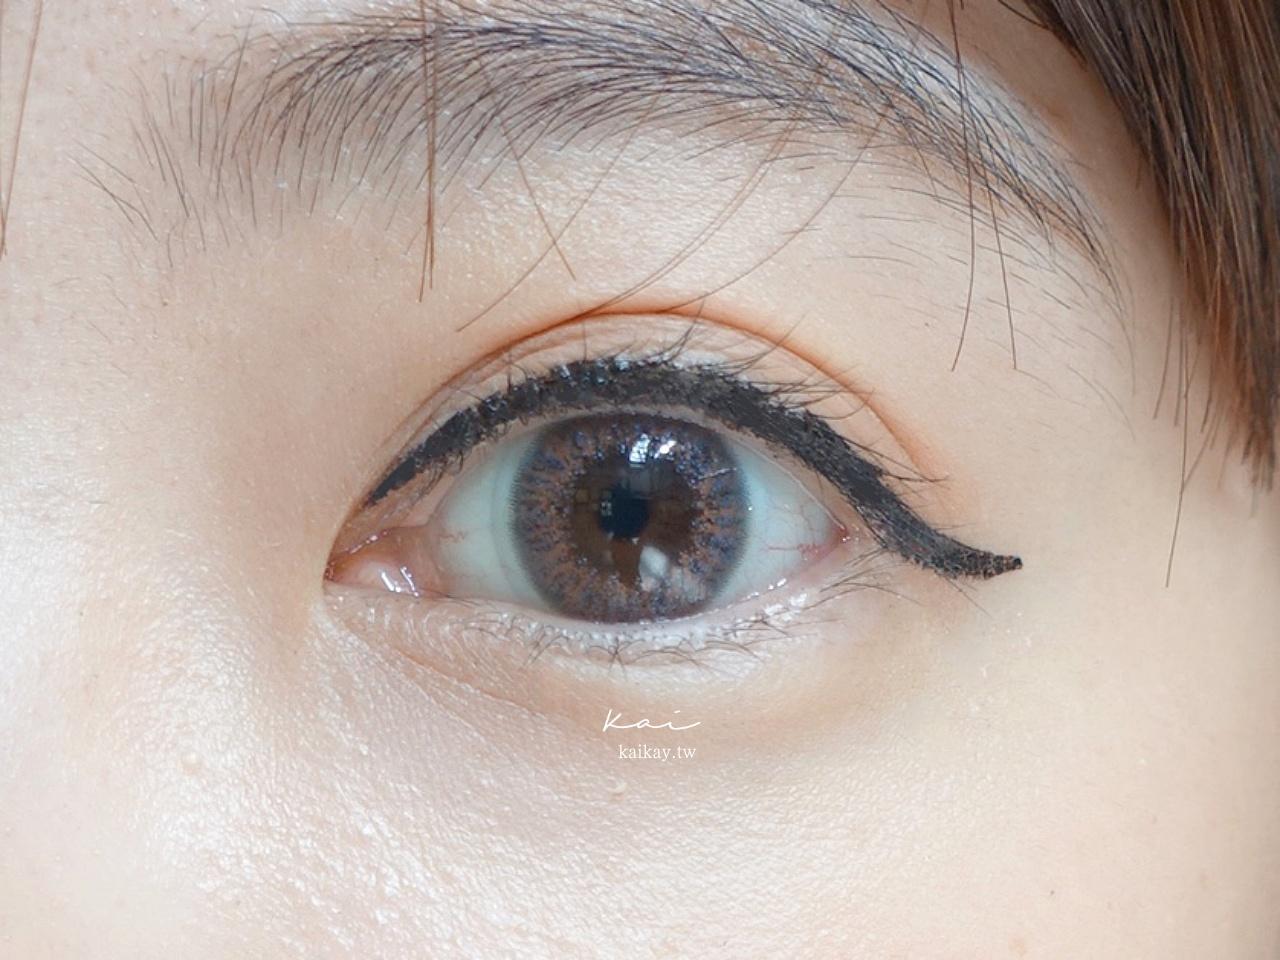 ☆【隱眼】星歐彩色日拋隱形眼鏡:Toffee澄、Autumn Maple棕 開箱